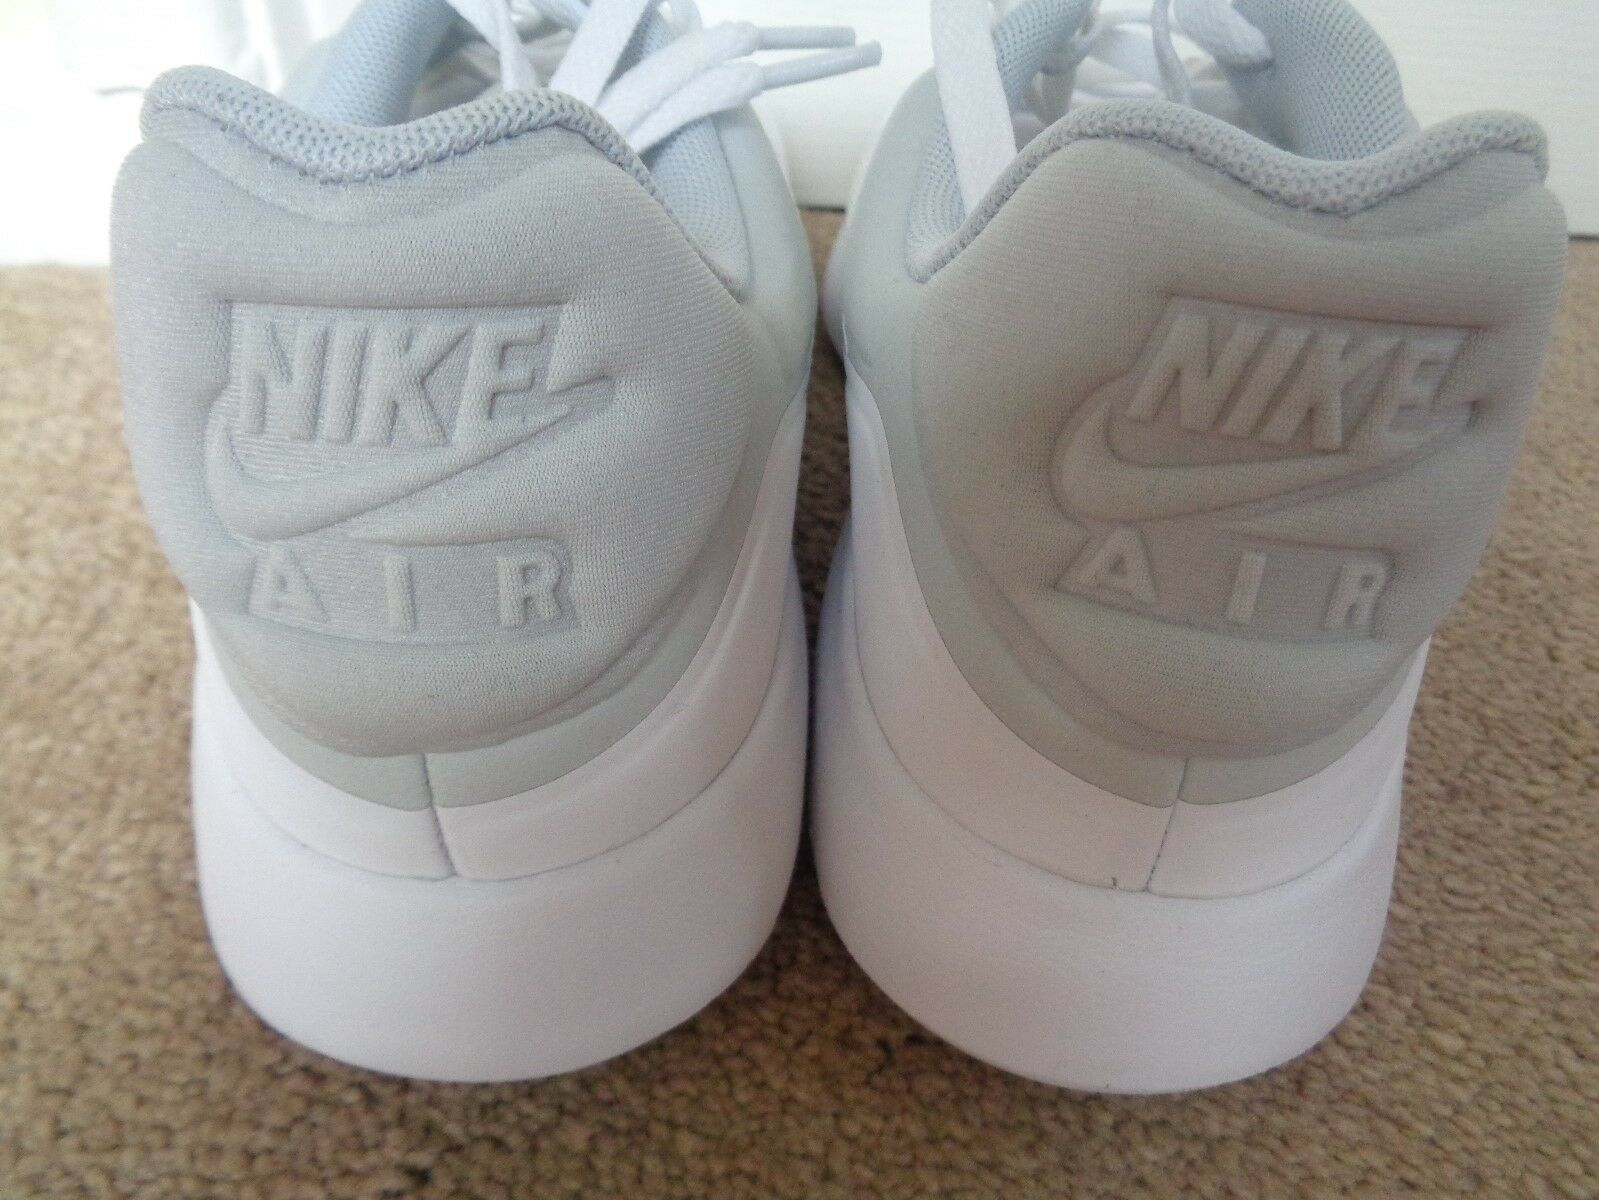 Nike AIR MAX Moderno Scarpe Da Da Da Ginnastica Essenziali 844874 100 EU 45 US 11 NUOVE 908ecc